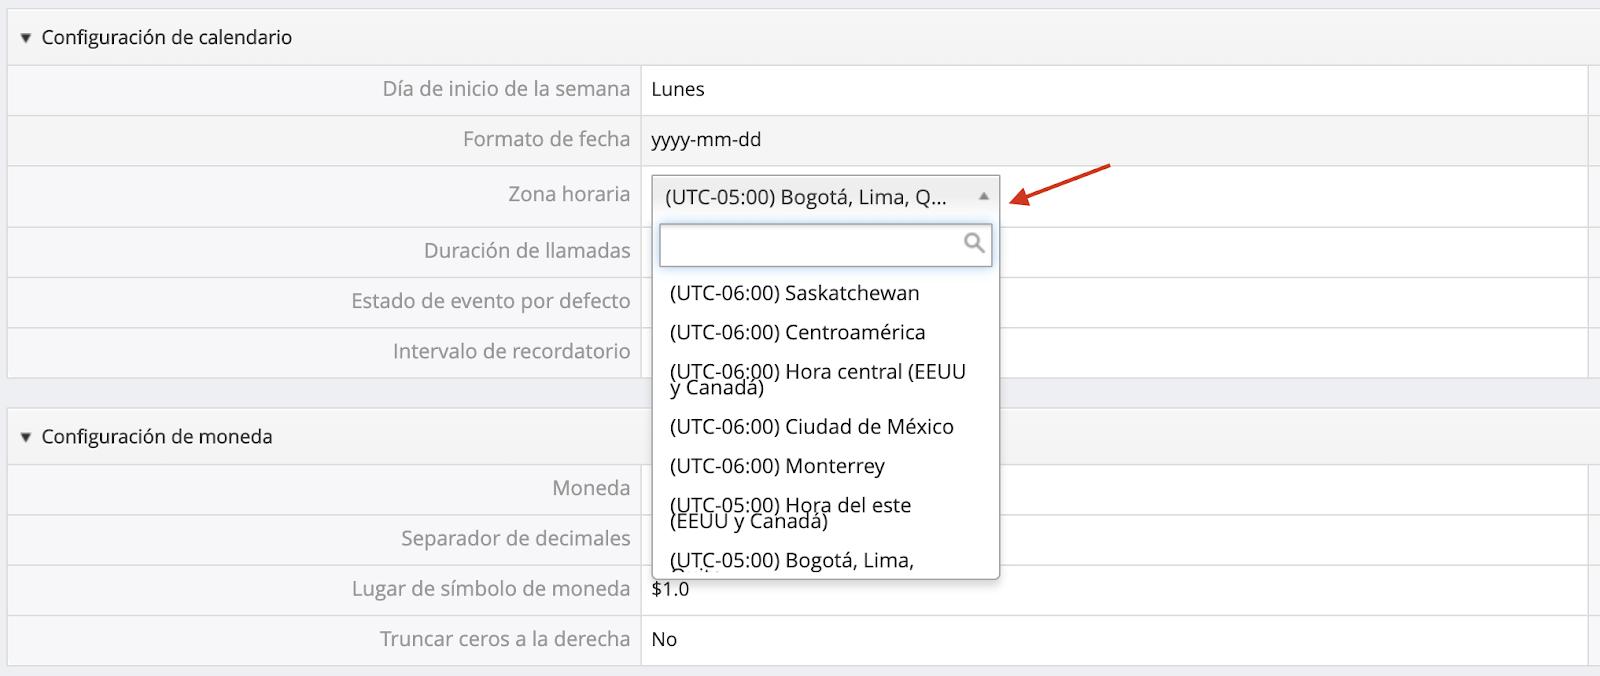 Escoger zona horaria DataCRM